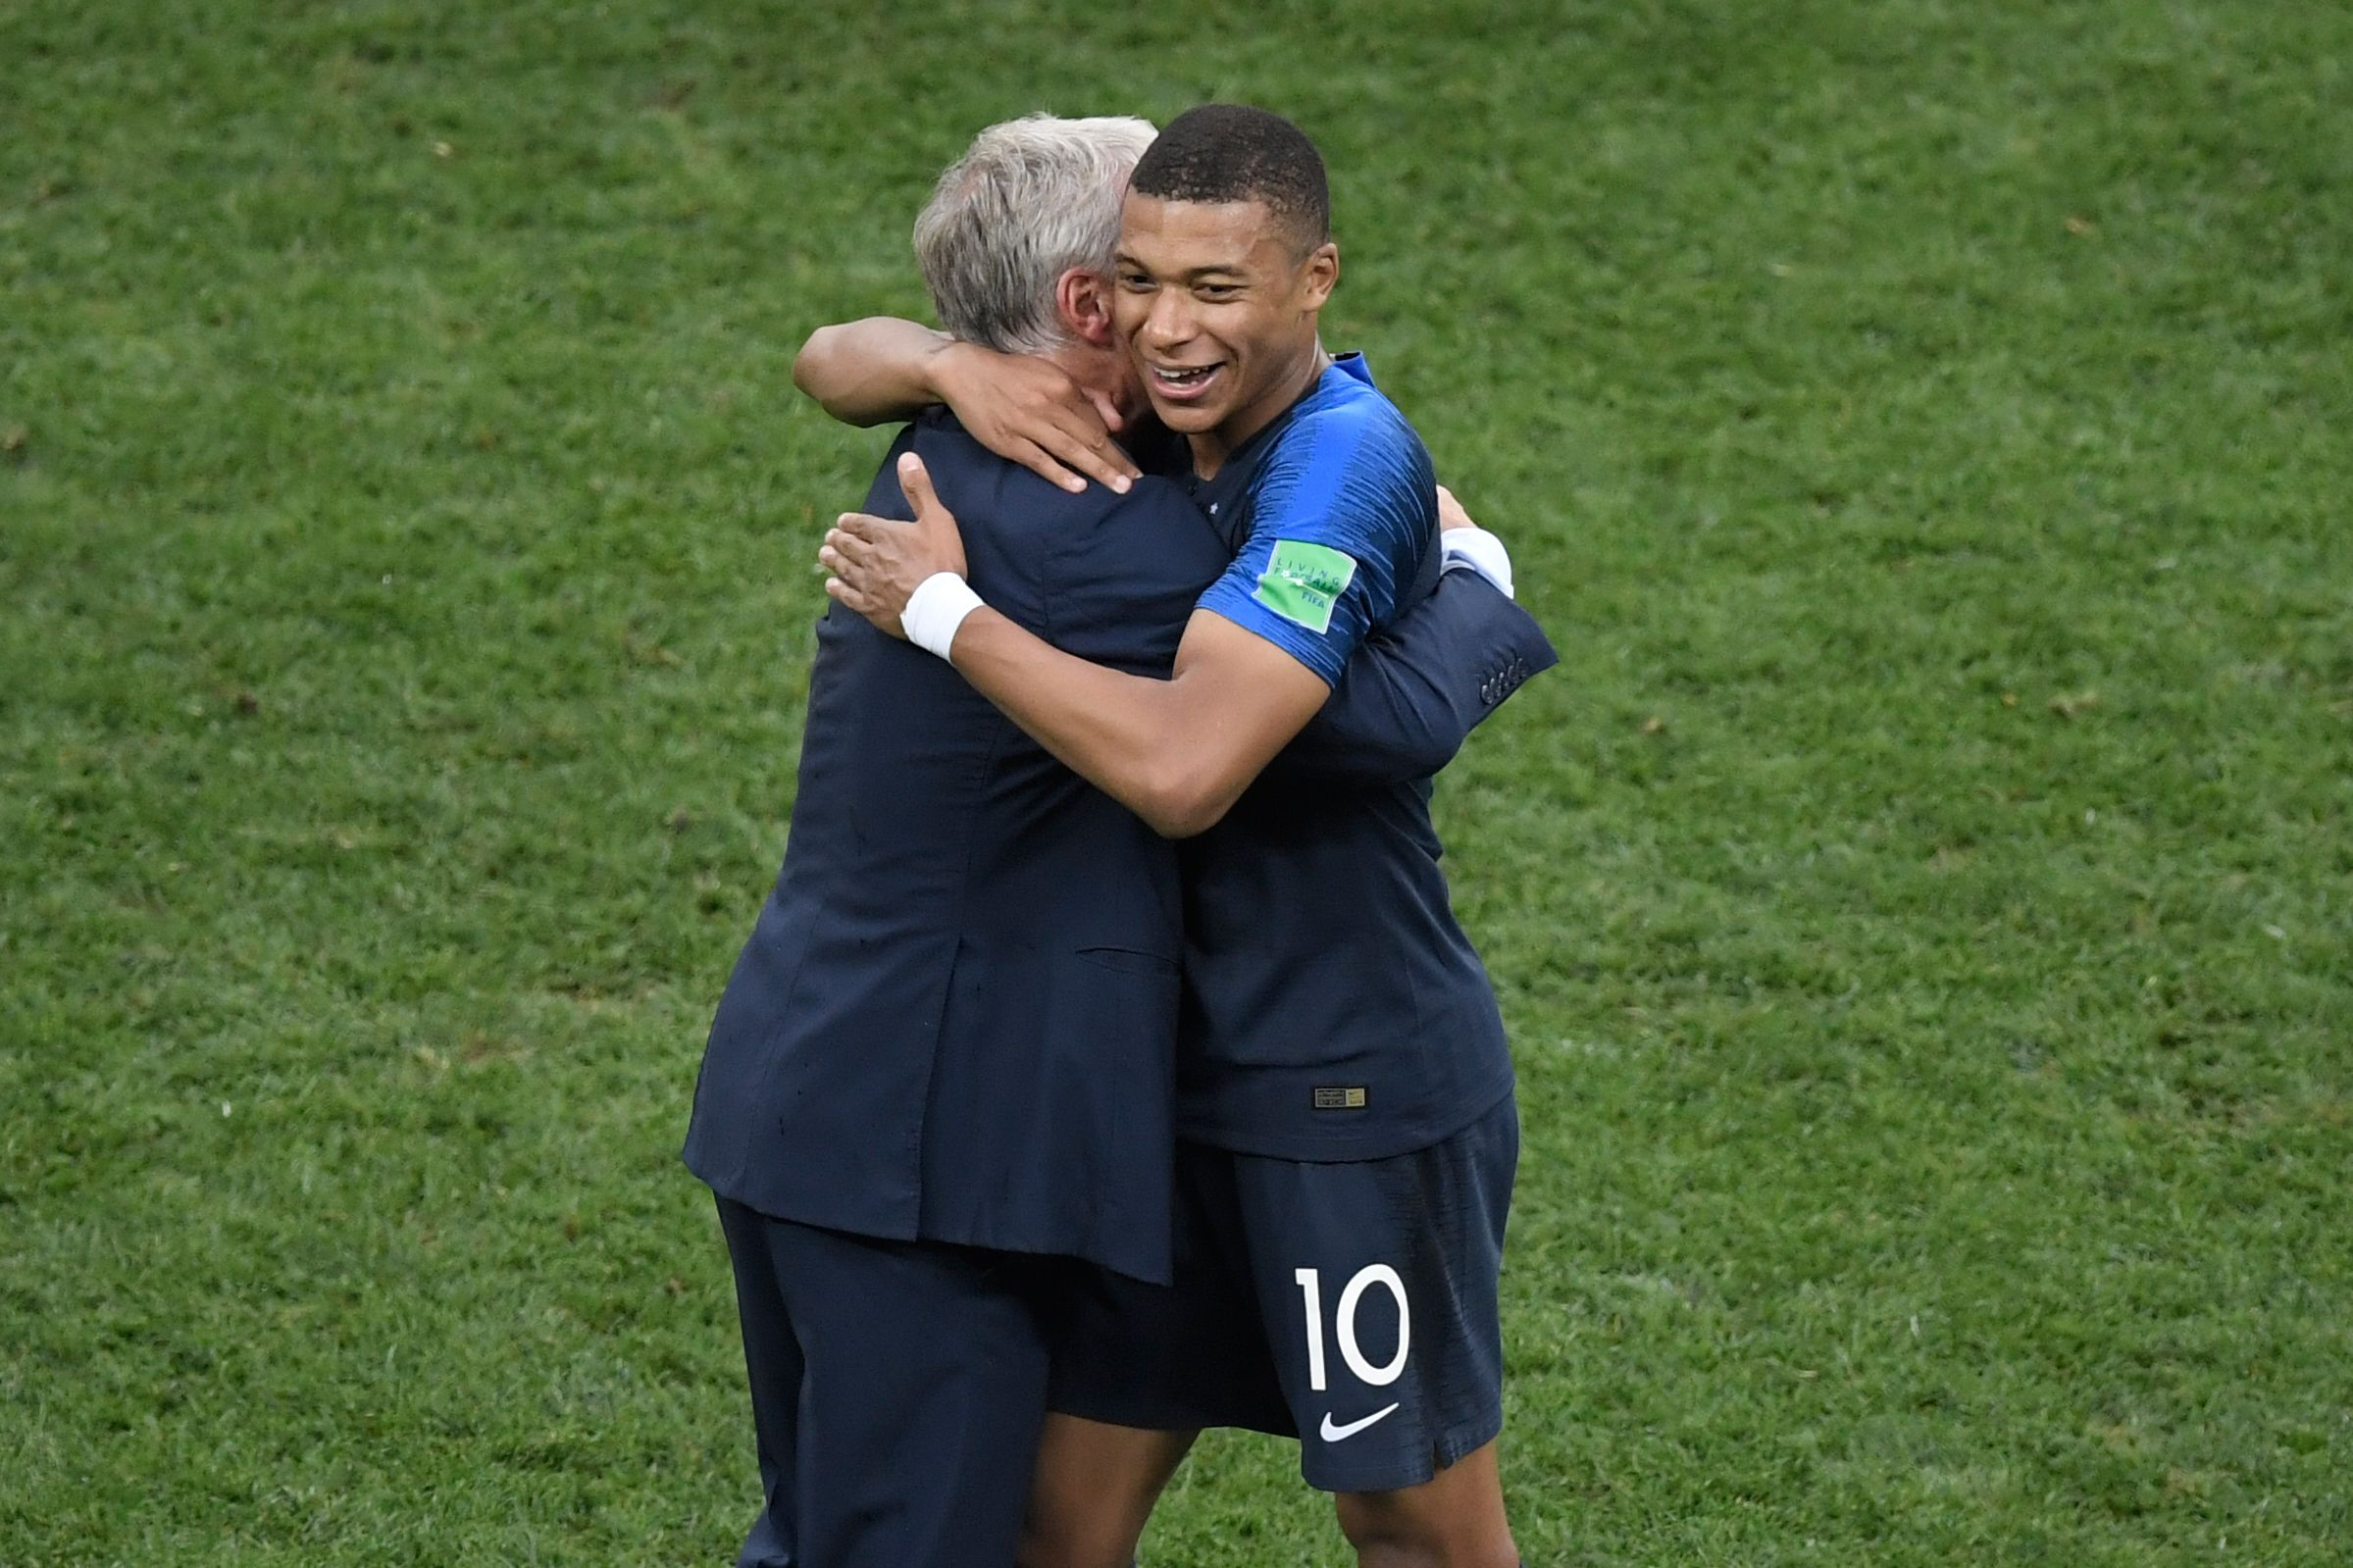 Coupe du monde 2018 les statistiques les plus marquantes russie 2018 coupe du monde football - Coupe du monde 2018 football ...